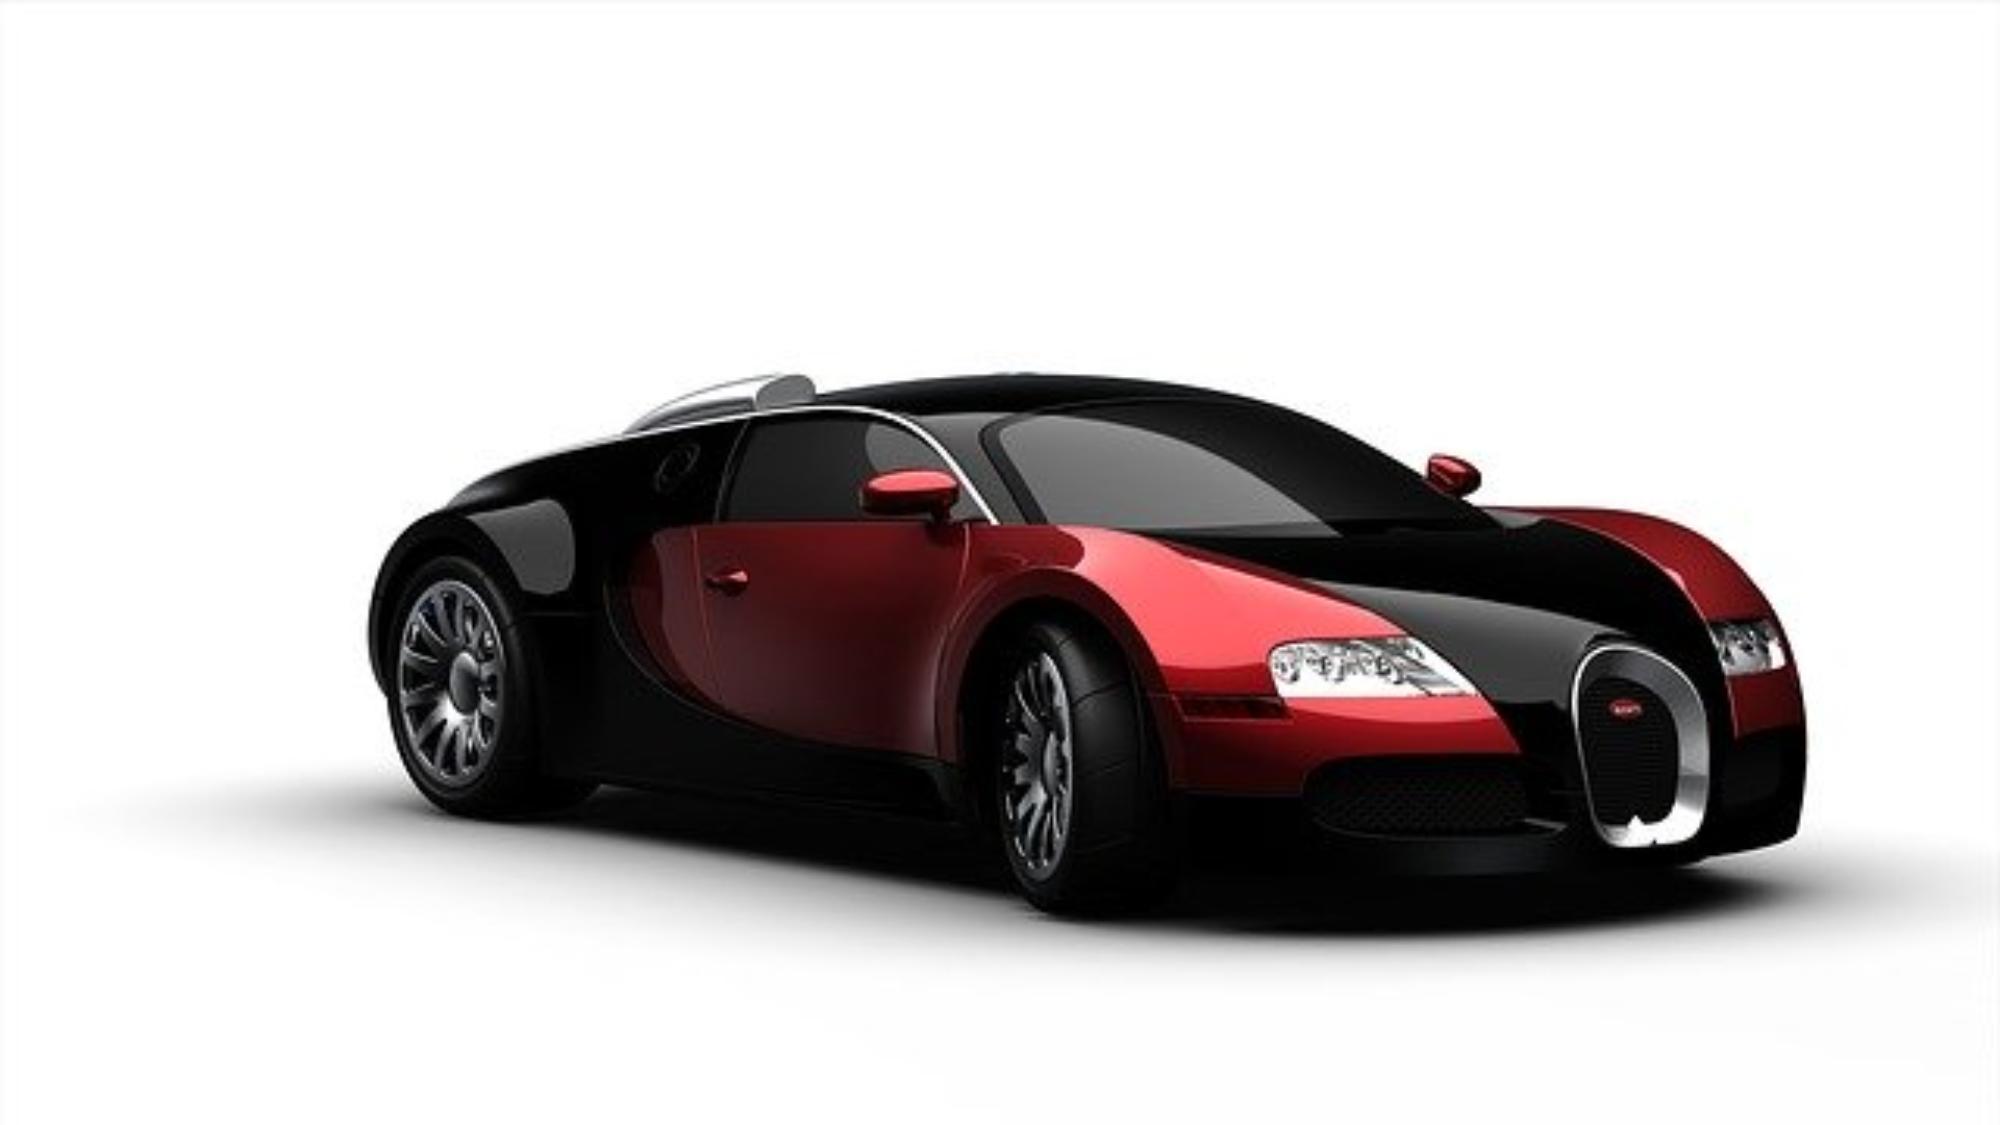 Samochody luksusowe w Polsce